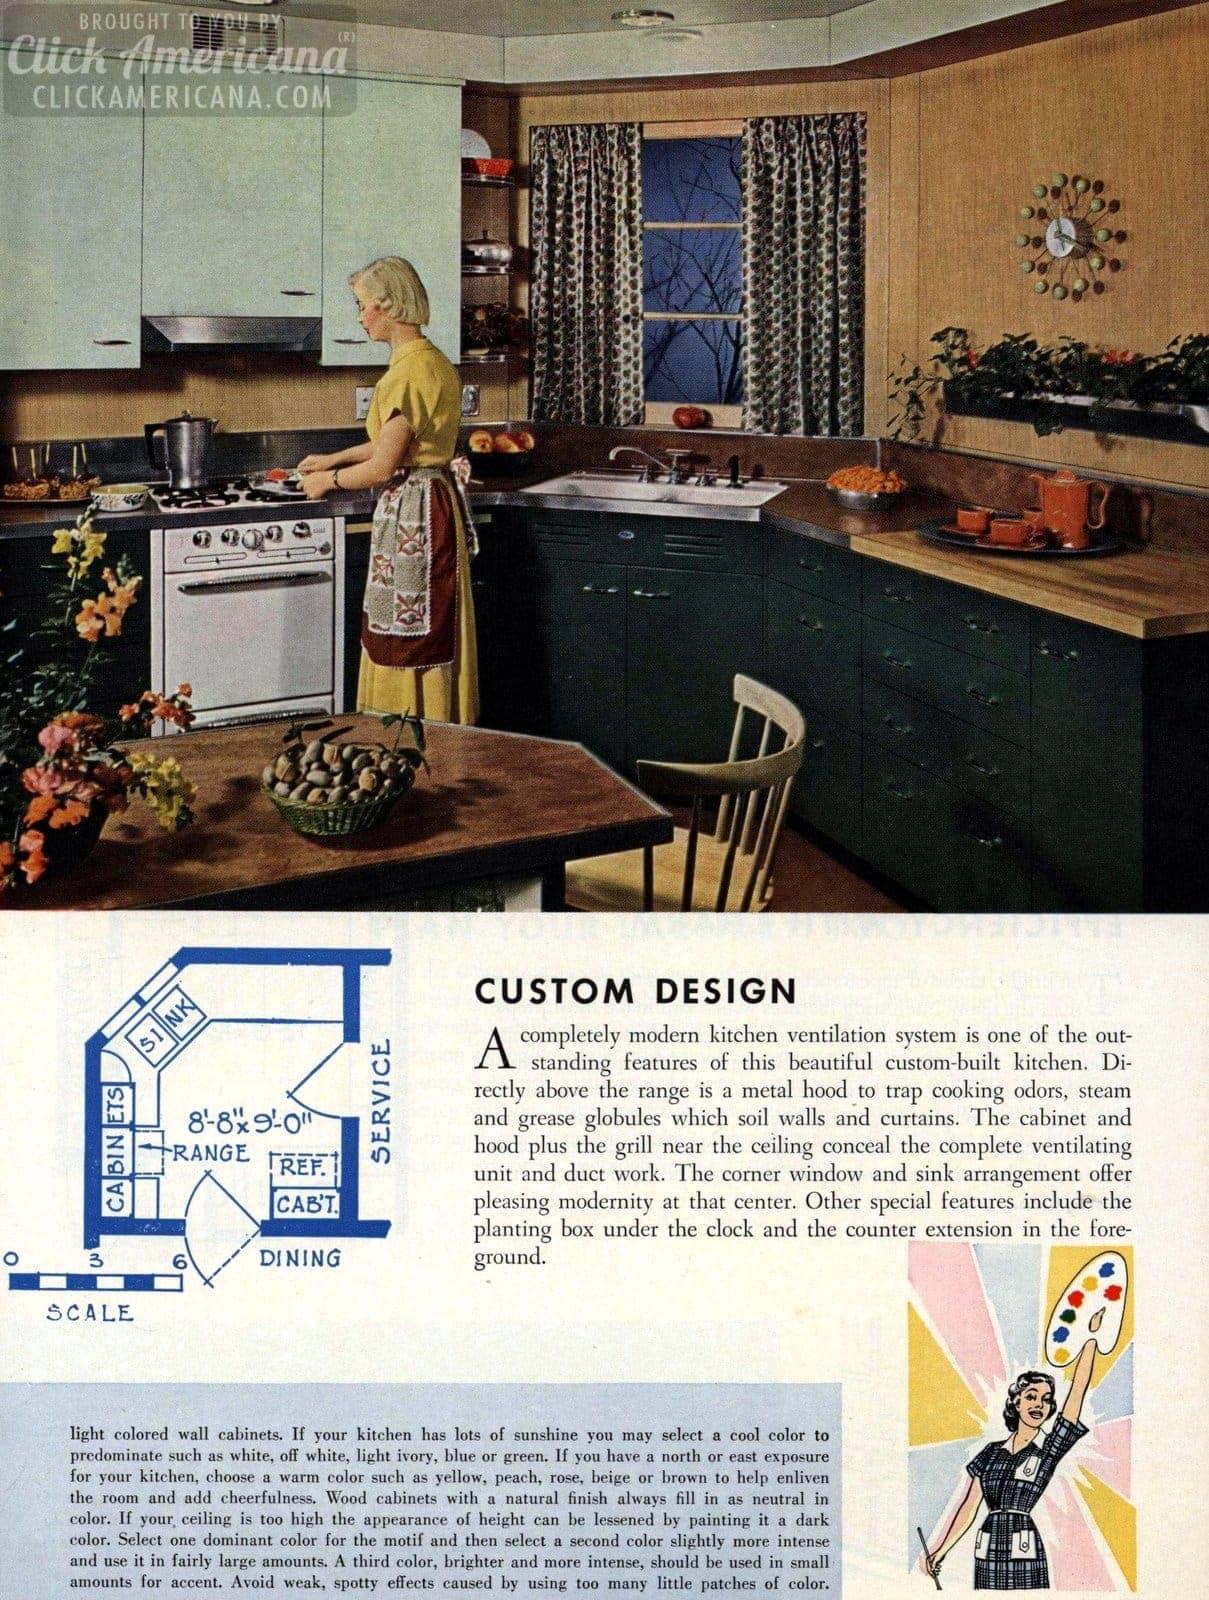 Custom design Remodeled kitchen design 1954